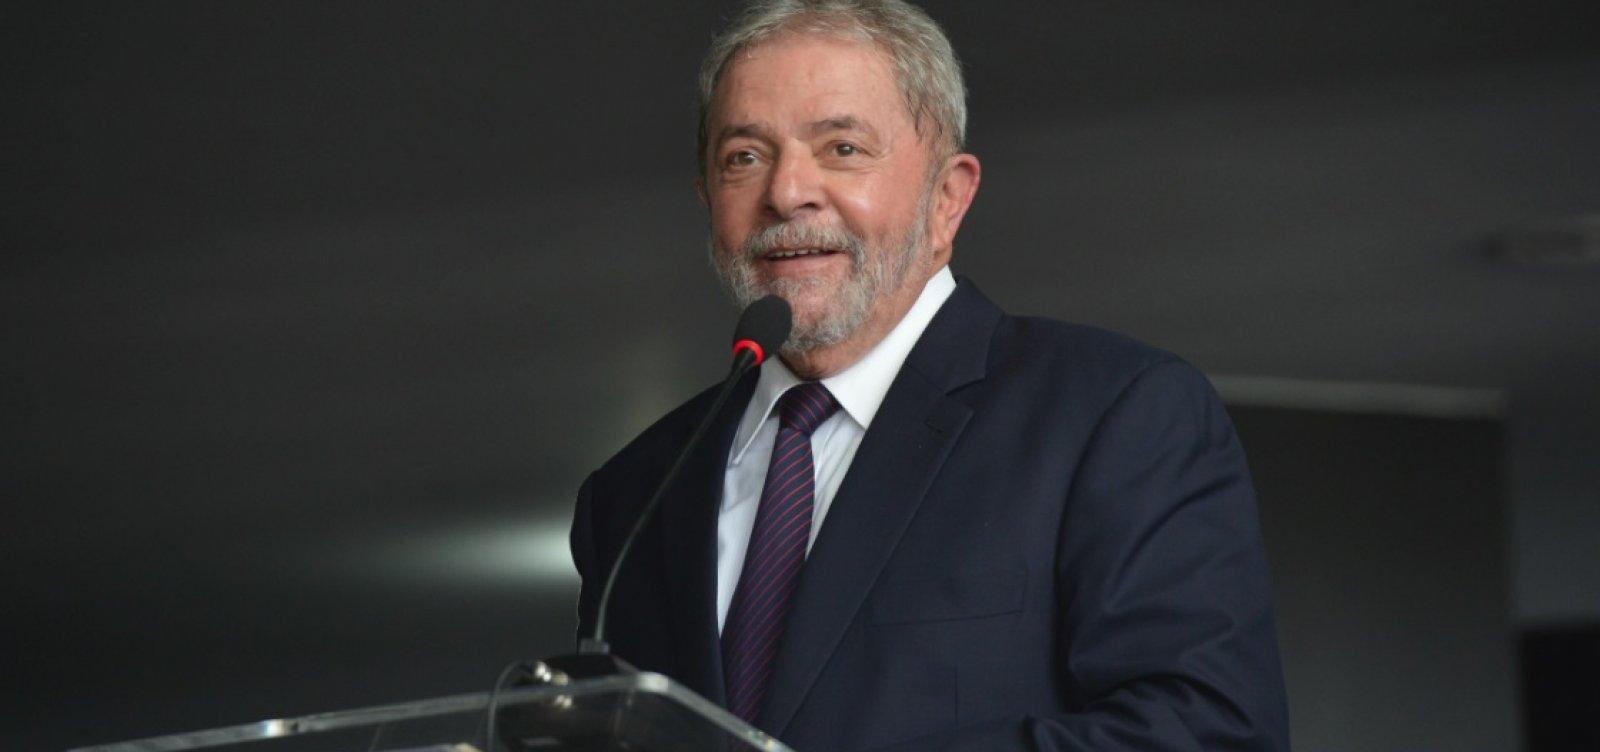 [Datafolha: Lula volta a surgir com 30% das intenções de voto]